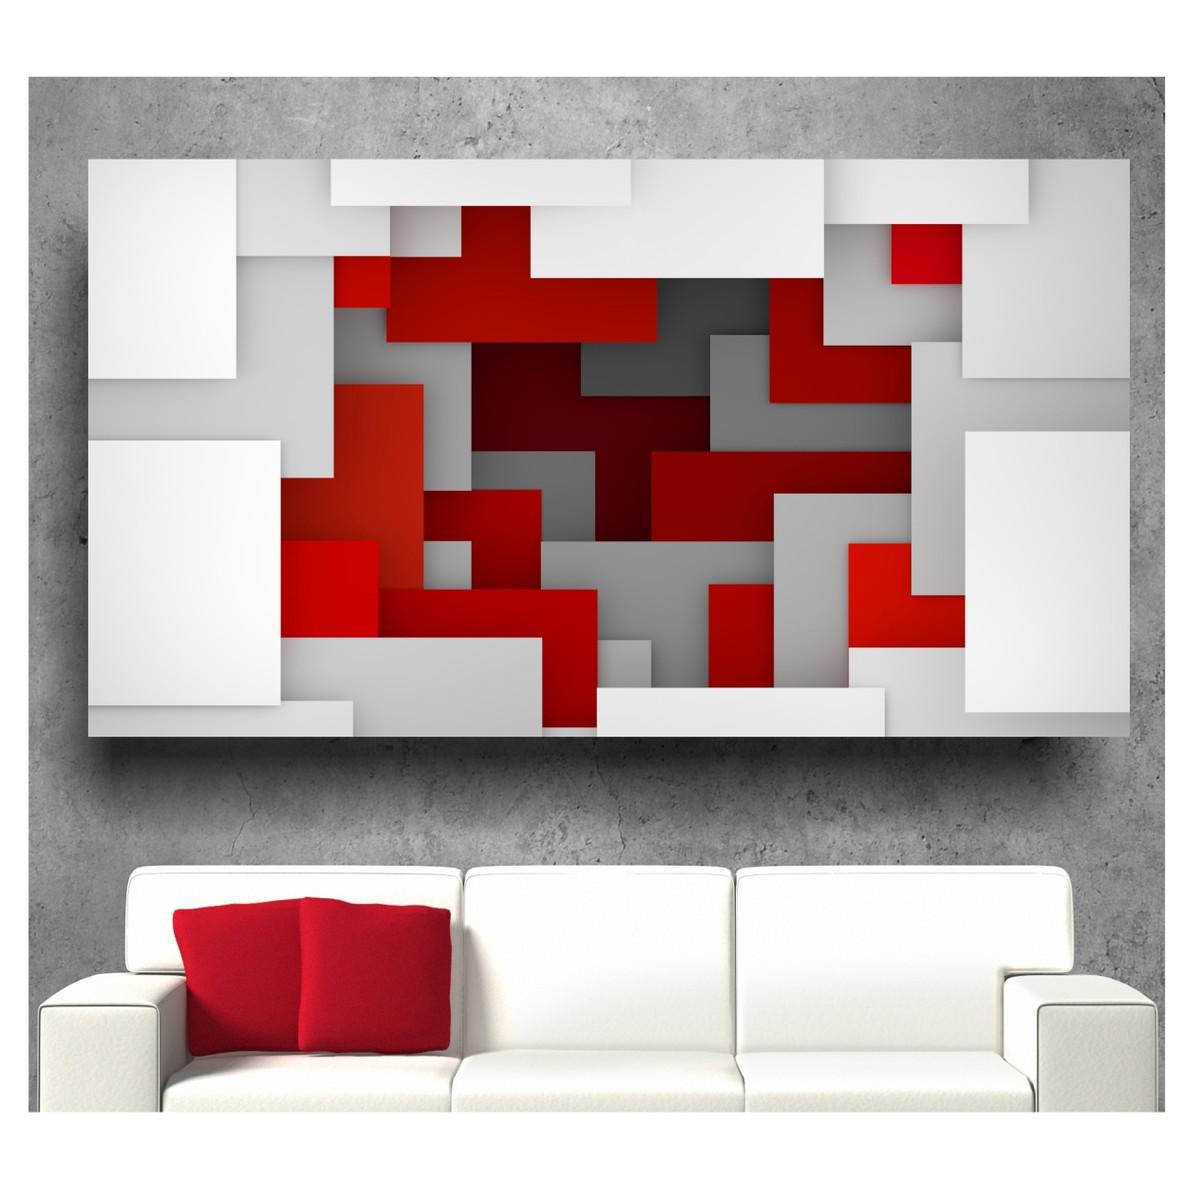 Adesivo De Parede Abstrato Painel Moderno 2x1m Sala S74